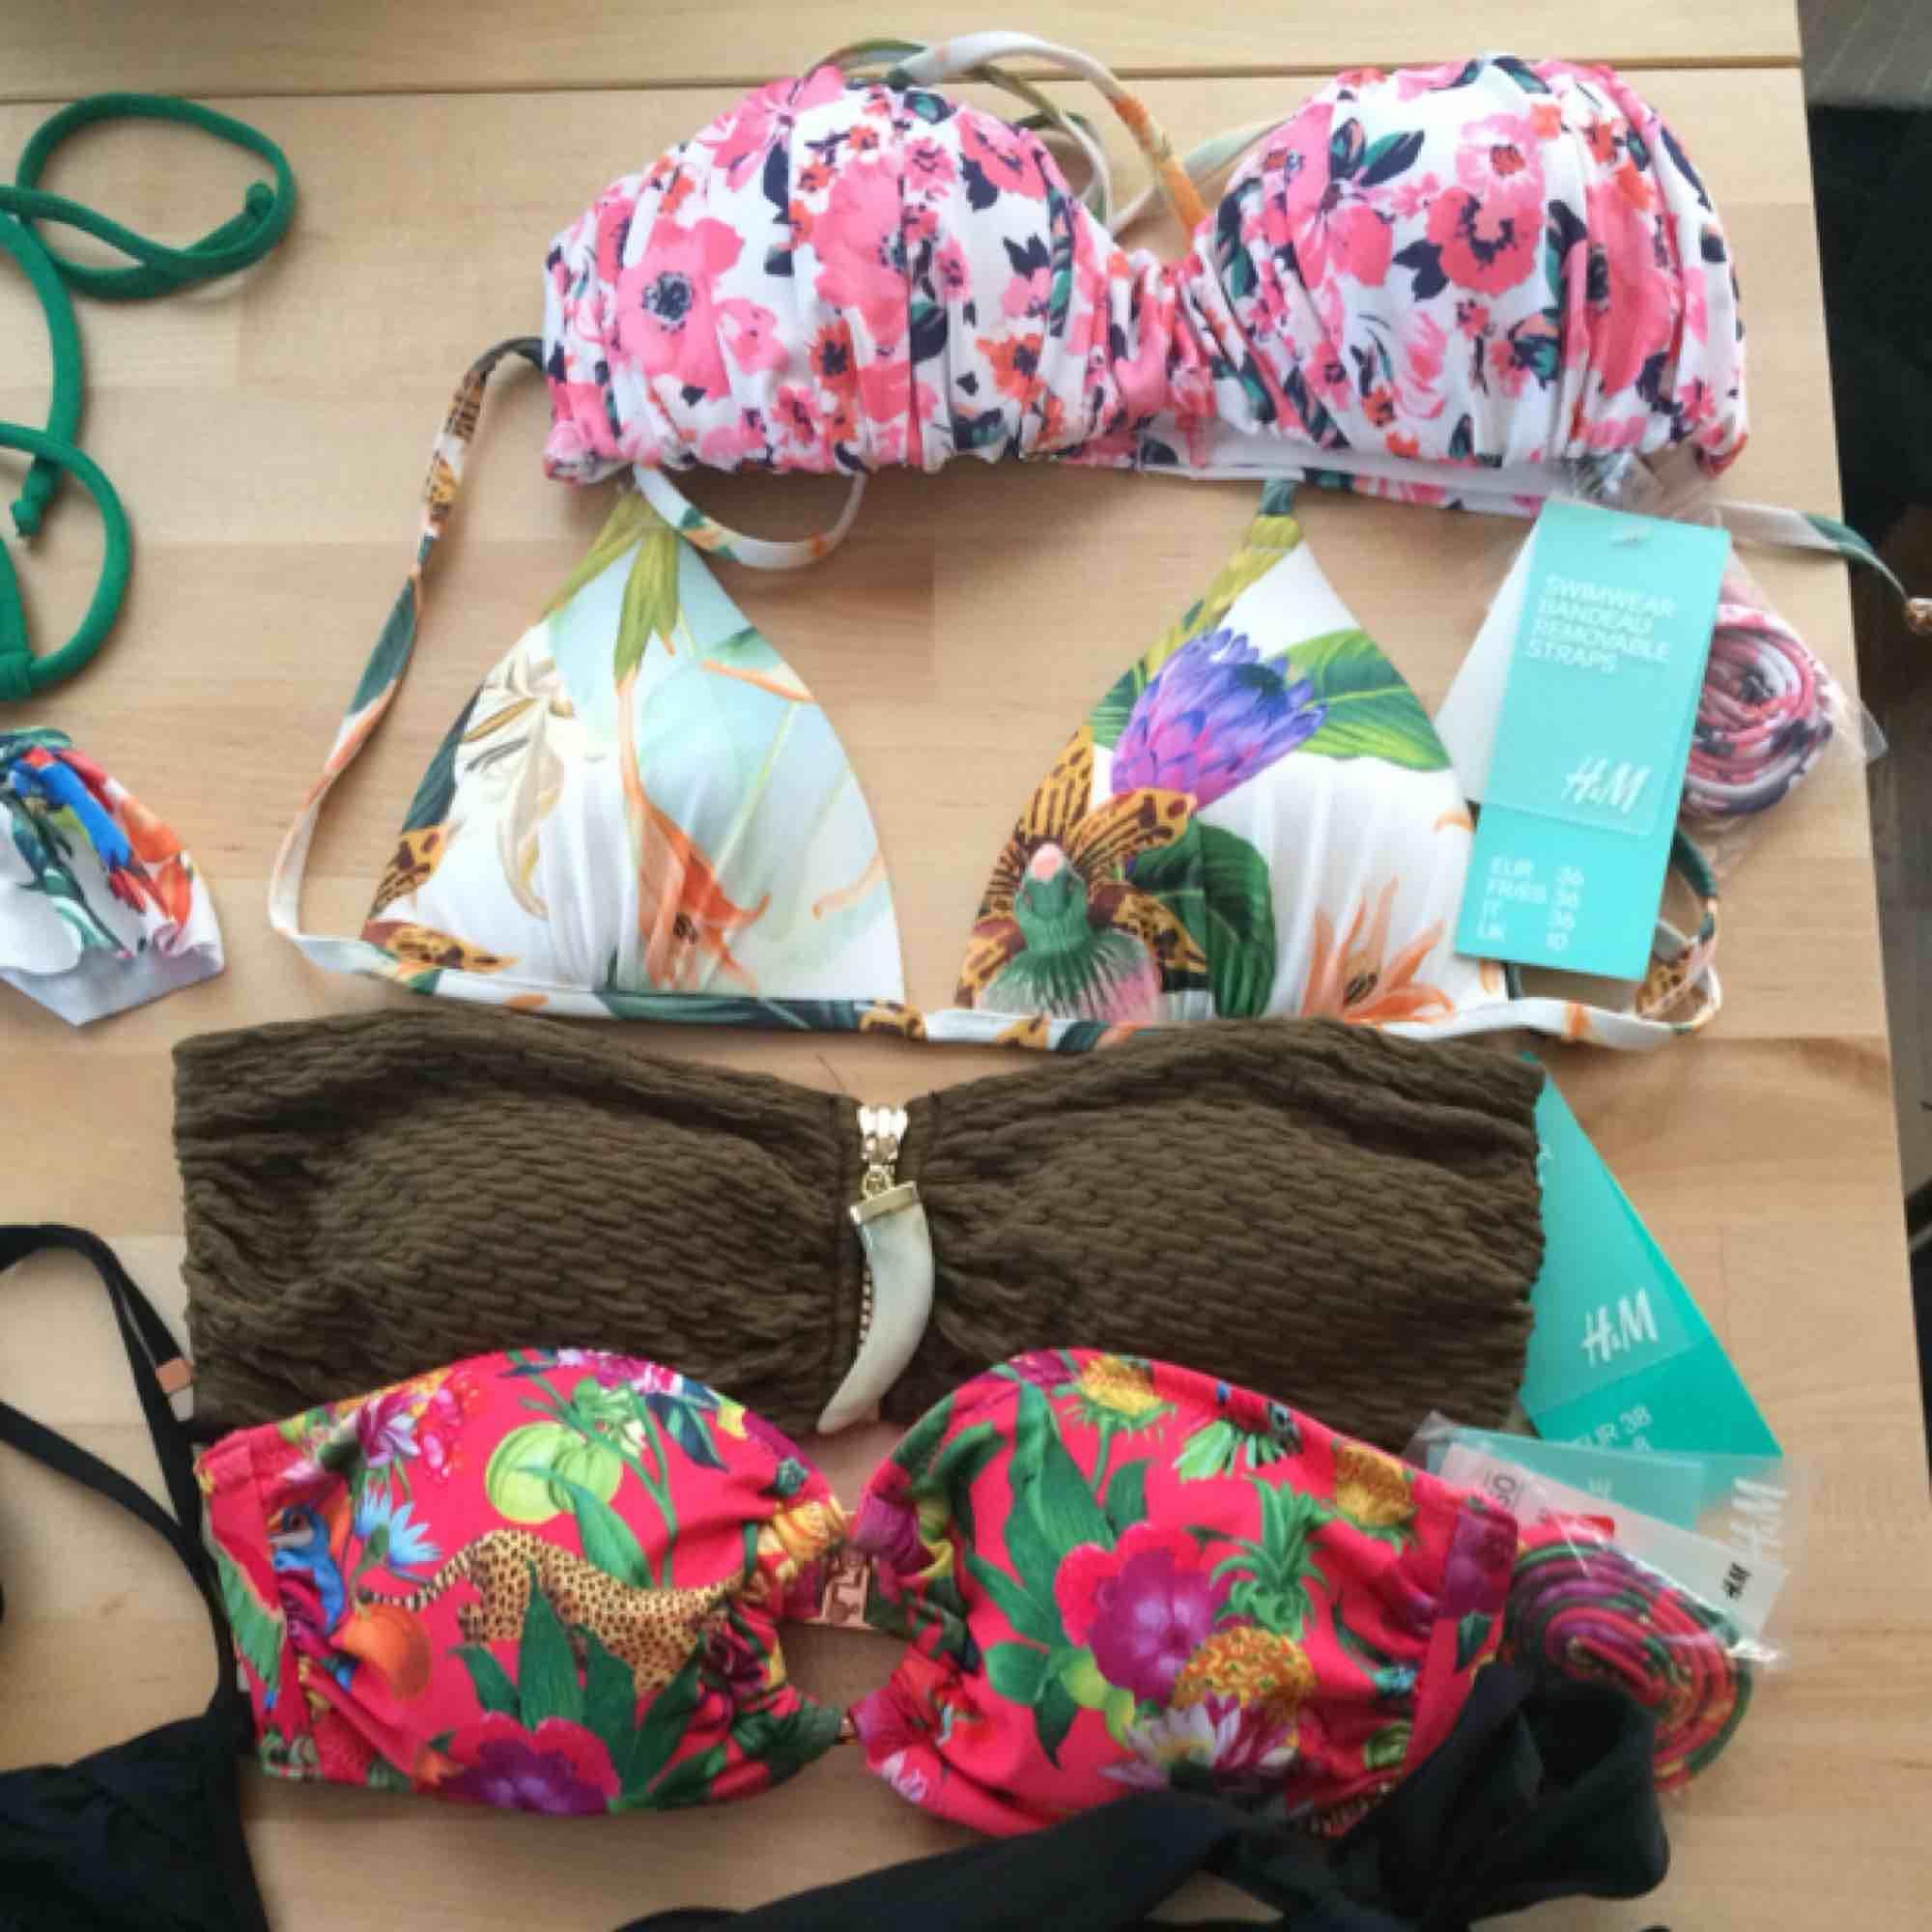 Diverse bikiniöverdelar och underdelar (oanvända) i olika storlekar: S, 34, 36, M, 75B. Säljes FRÅN 45 kr. SÅLDA: Grön bikinitopp, blå resp svart bikini-bh. Övrigt.